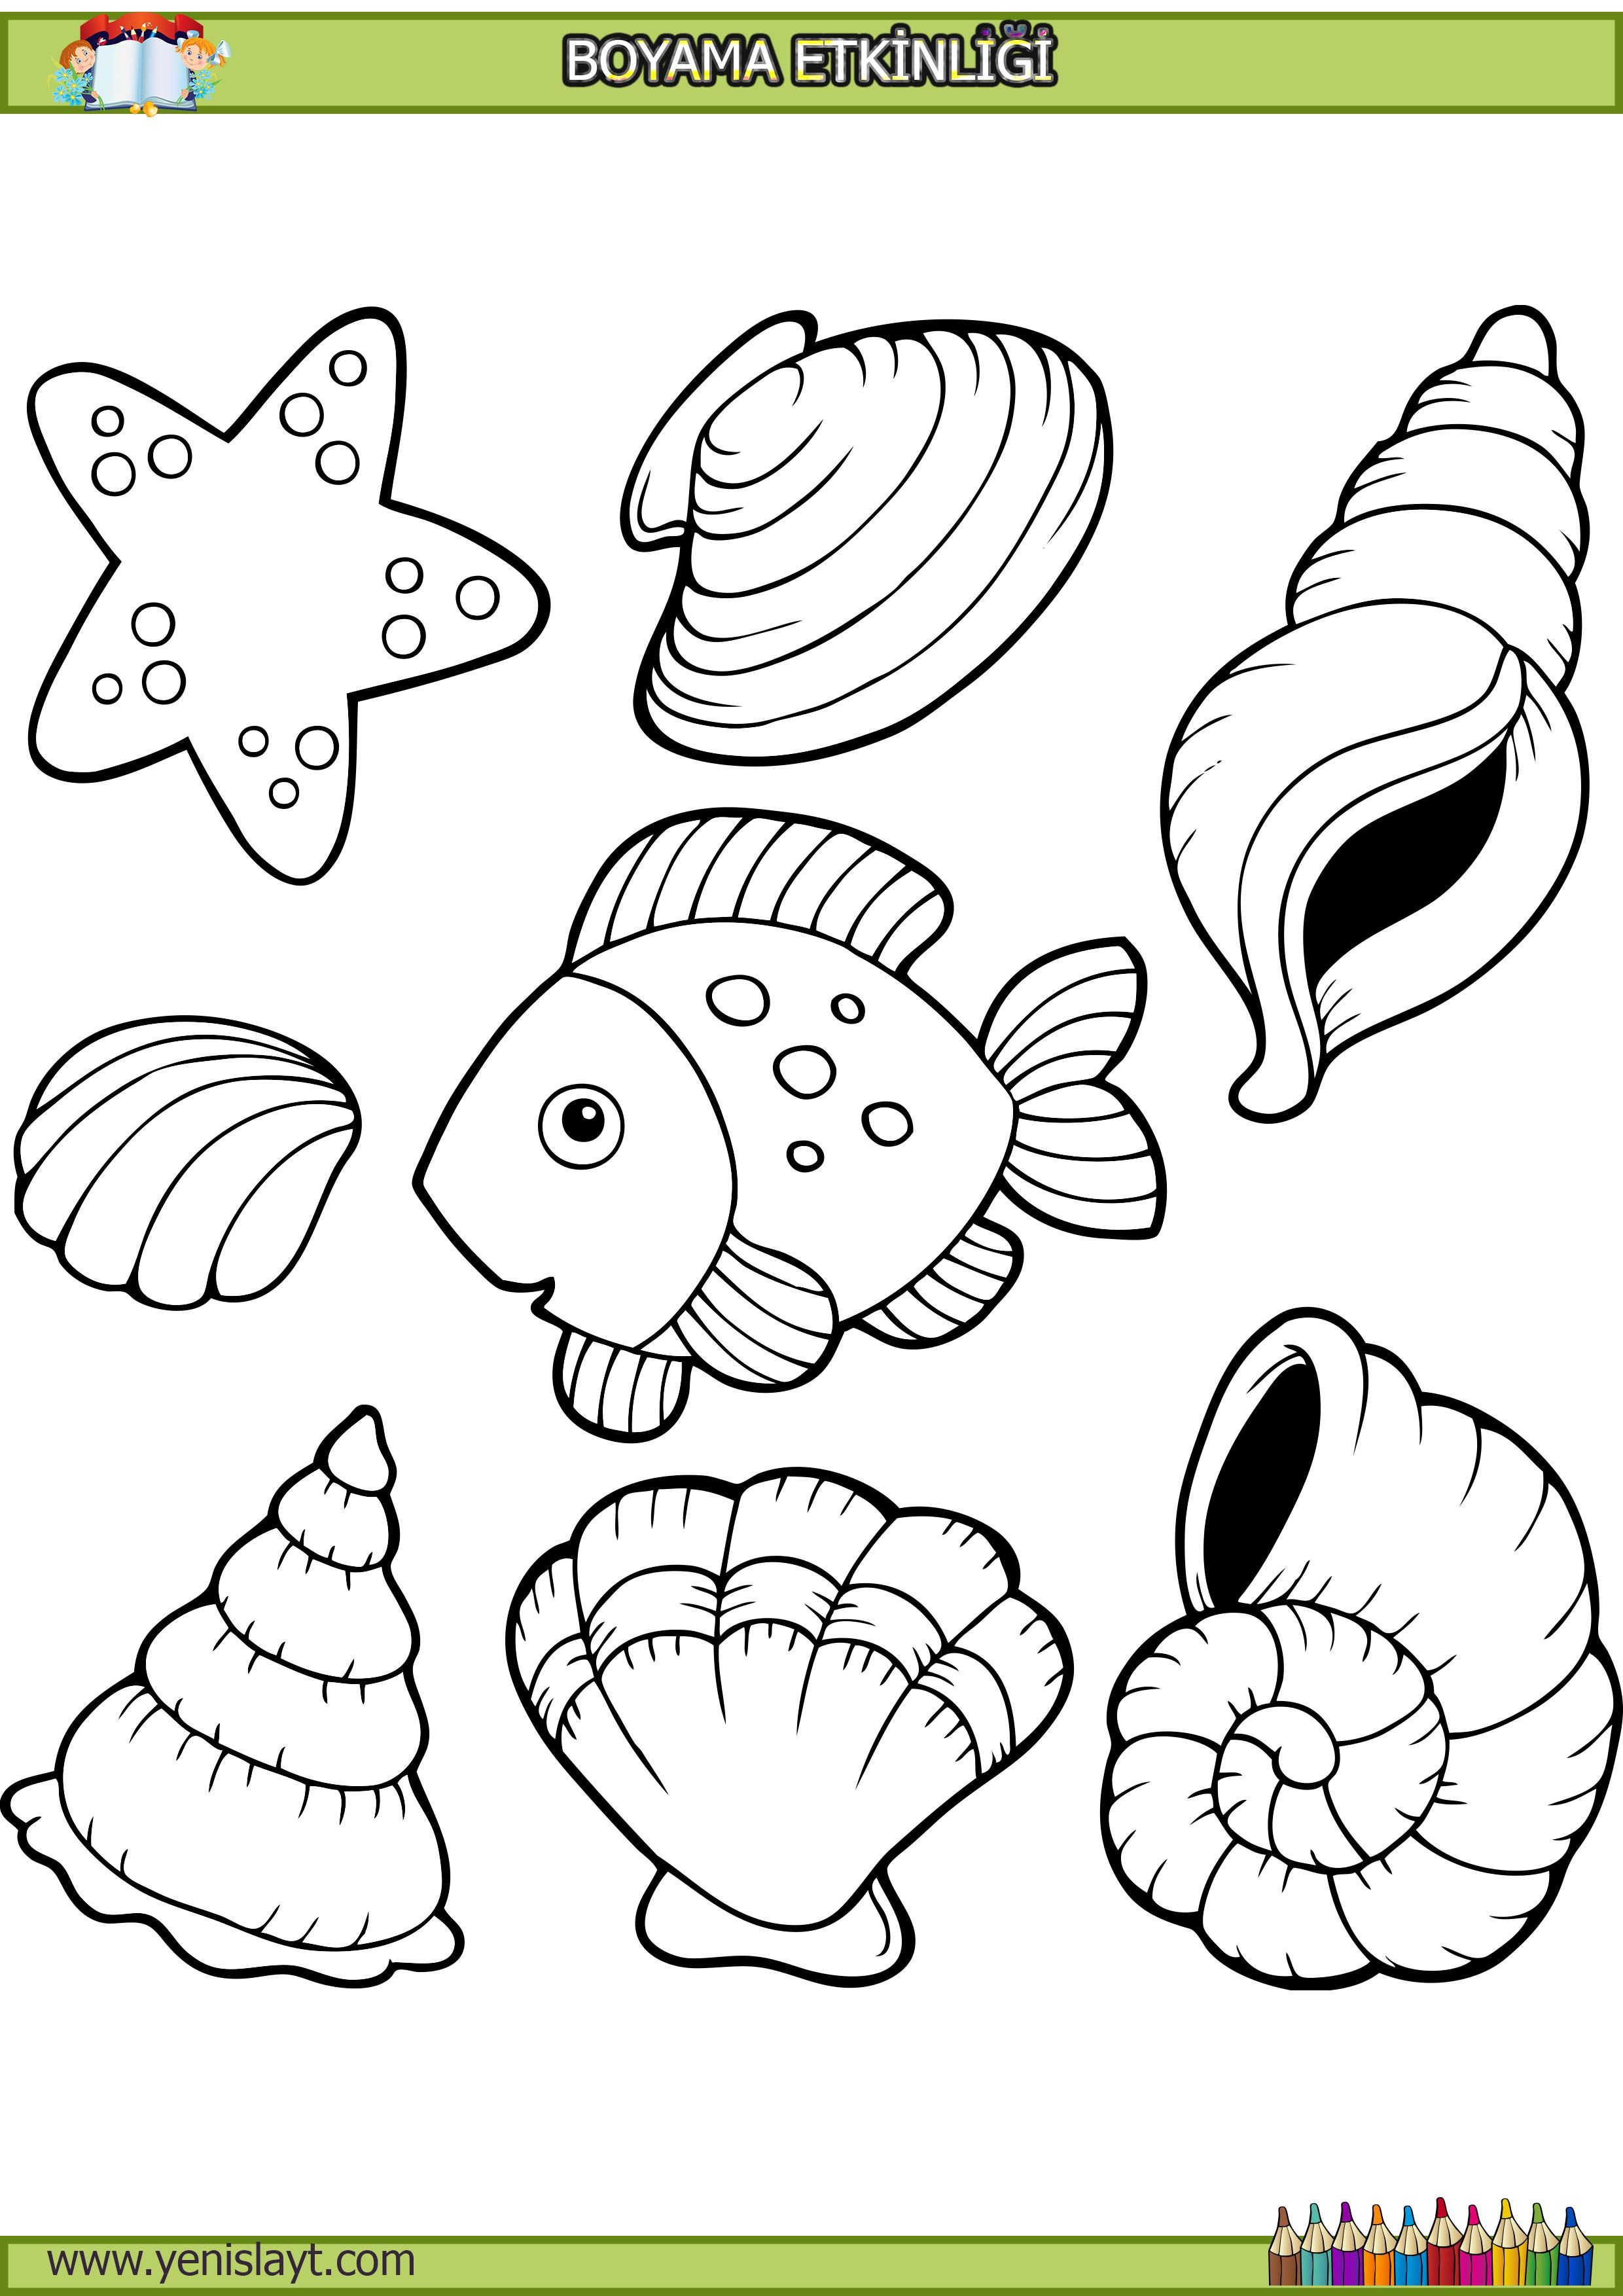 Balik Deniz Yildizi Boyama Okul Oncesi Ile Ilgili Gorsel Sonucu Tekne Cizim Desenler Sanat